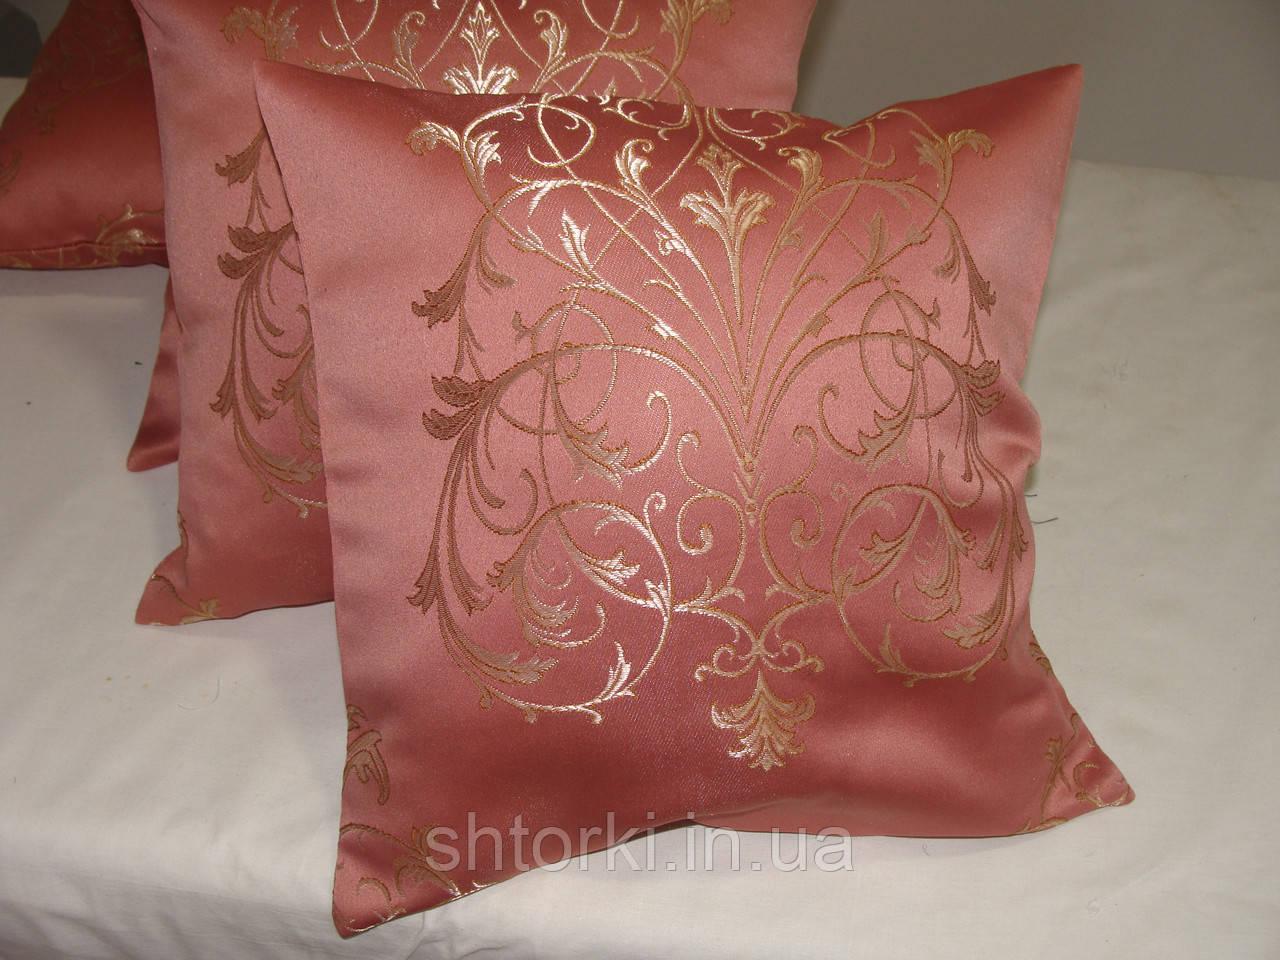 Комплект подушек корона розовая 4шт